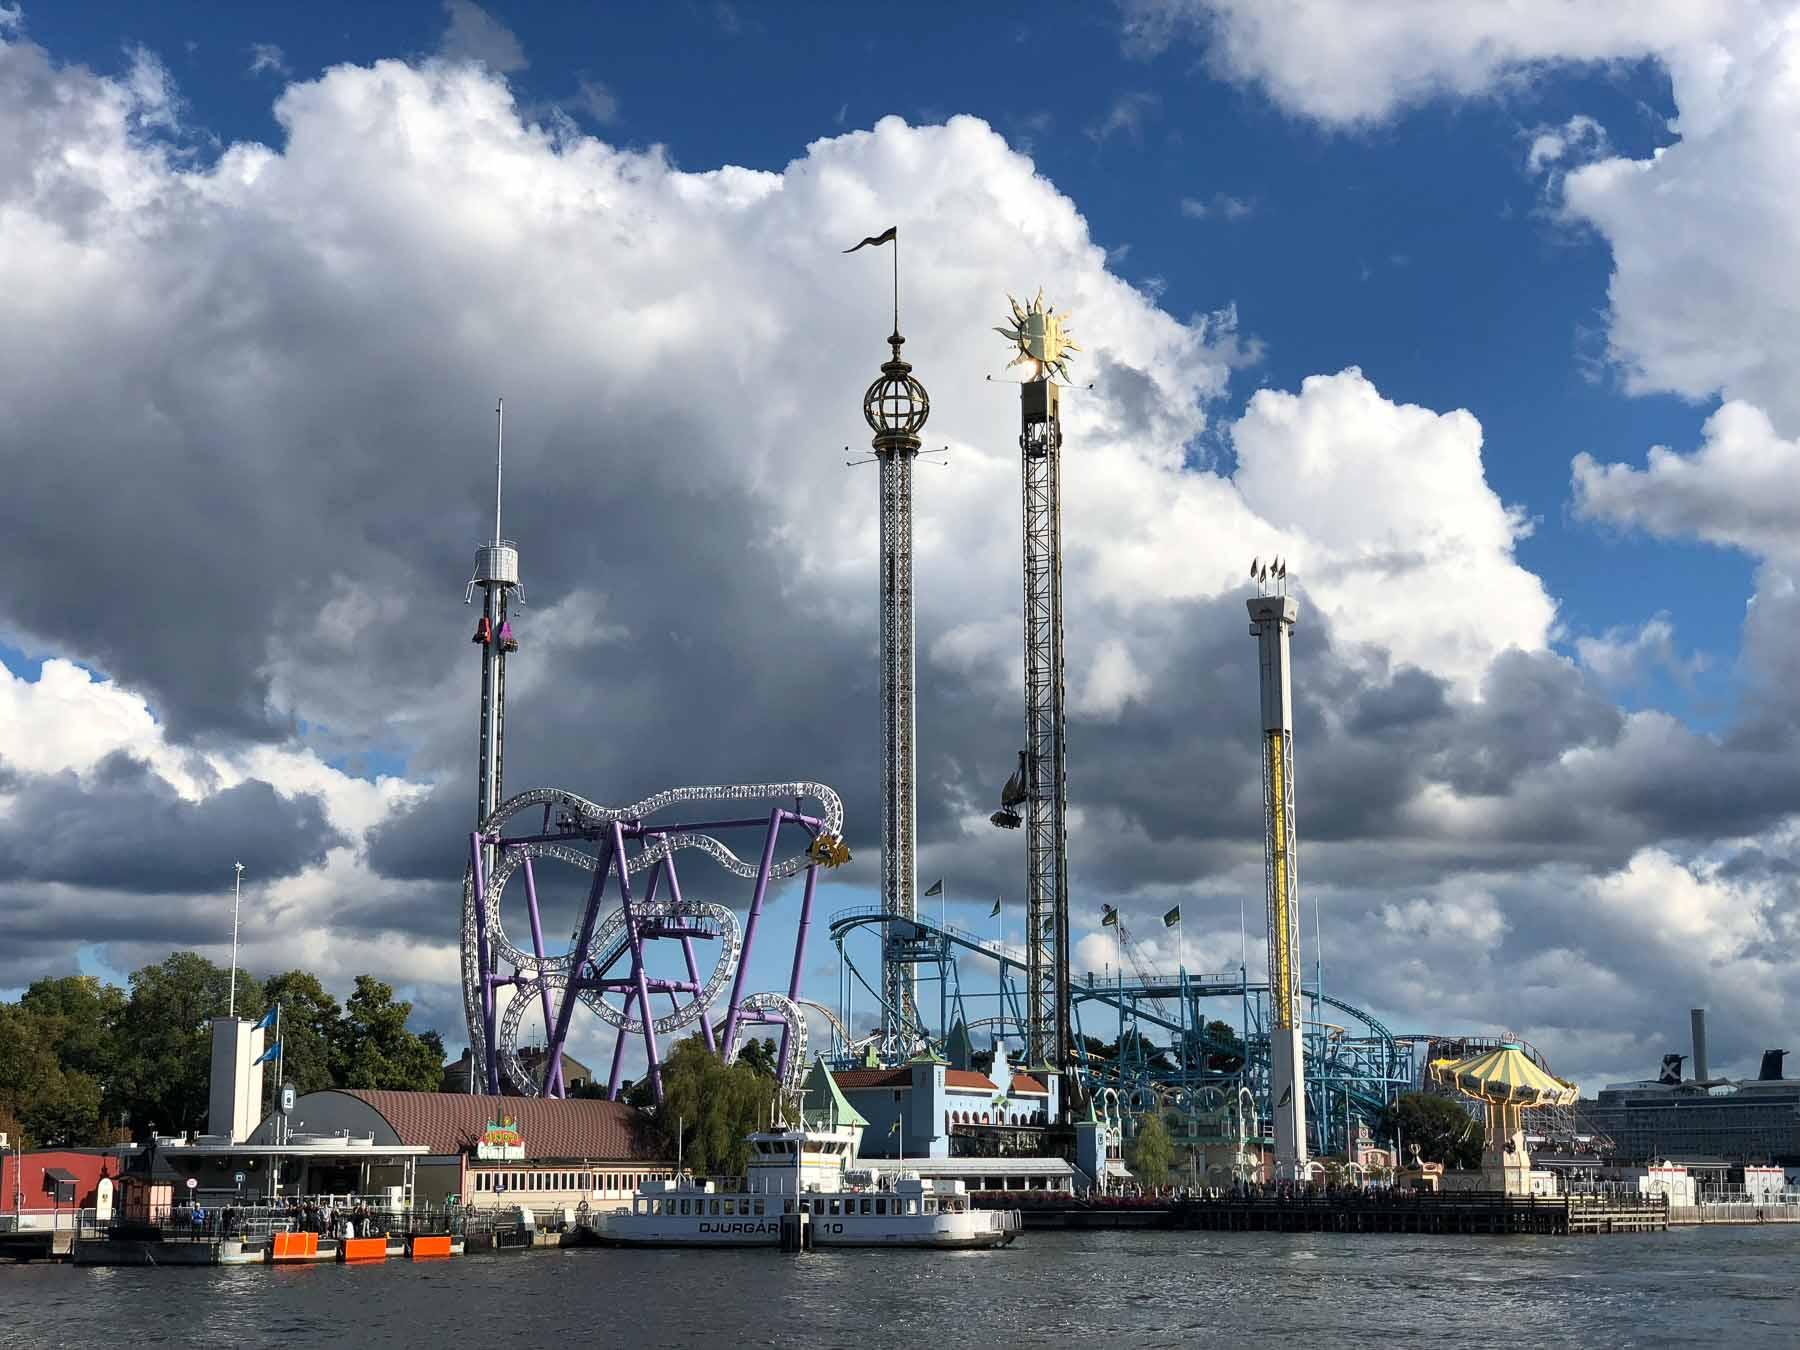 Wir passieren den Freizeitpark Gröna Lund Tivoli